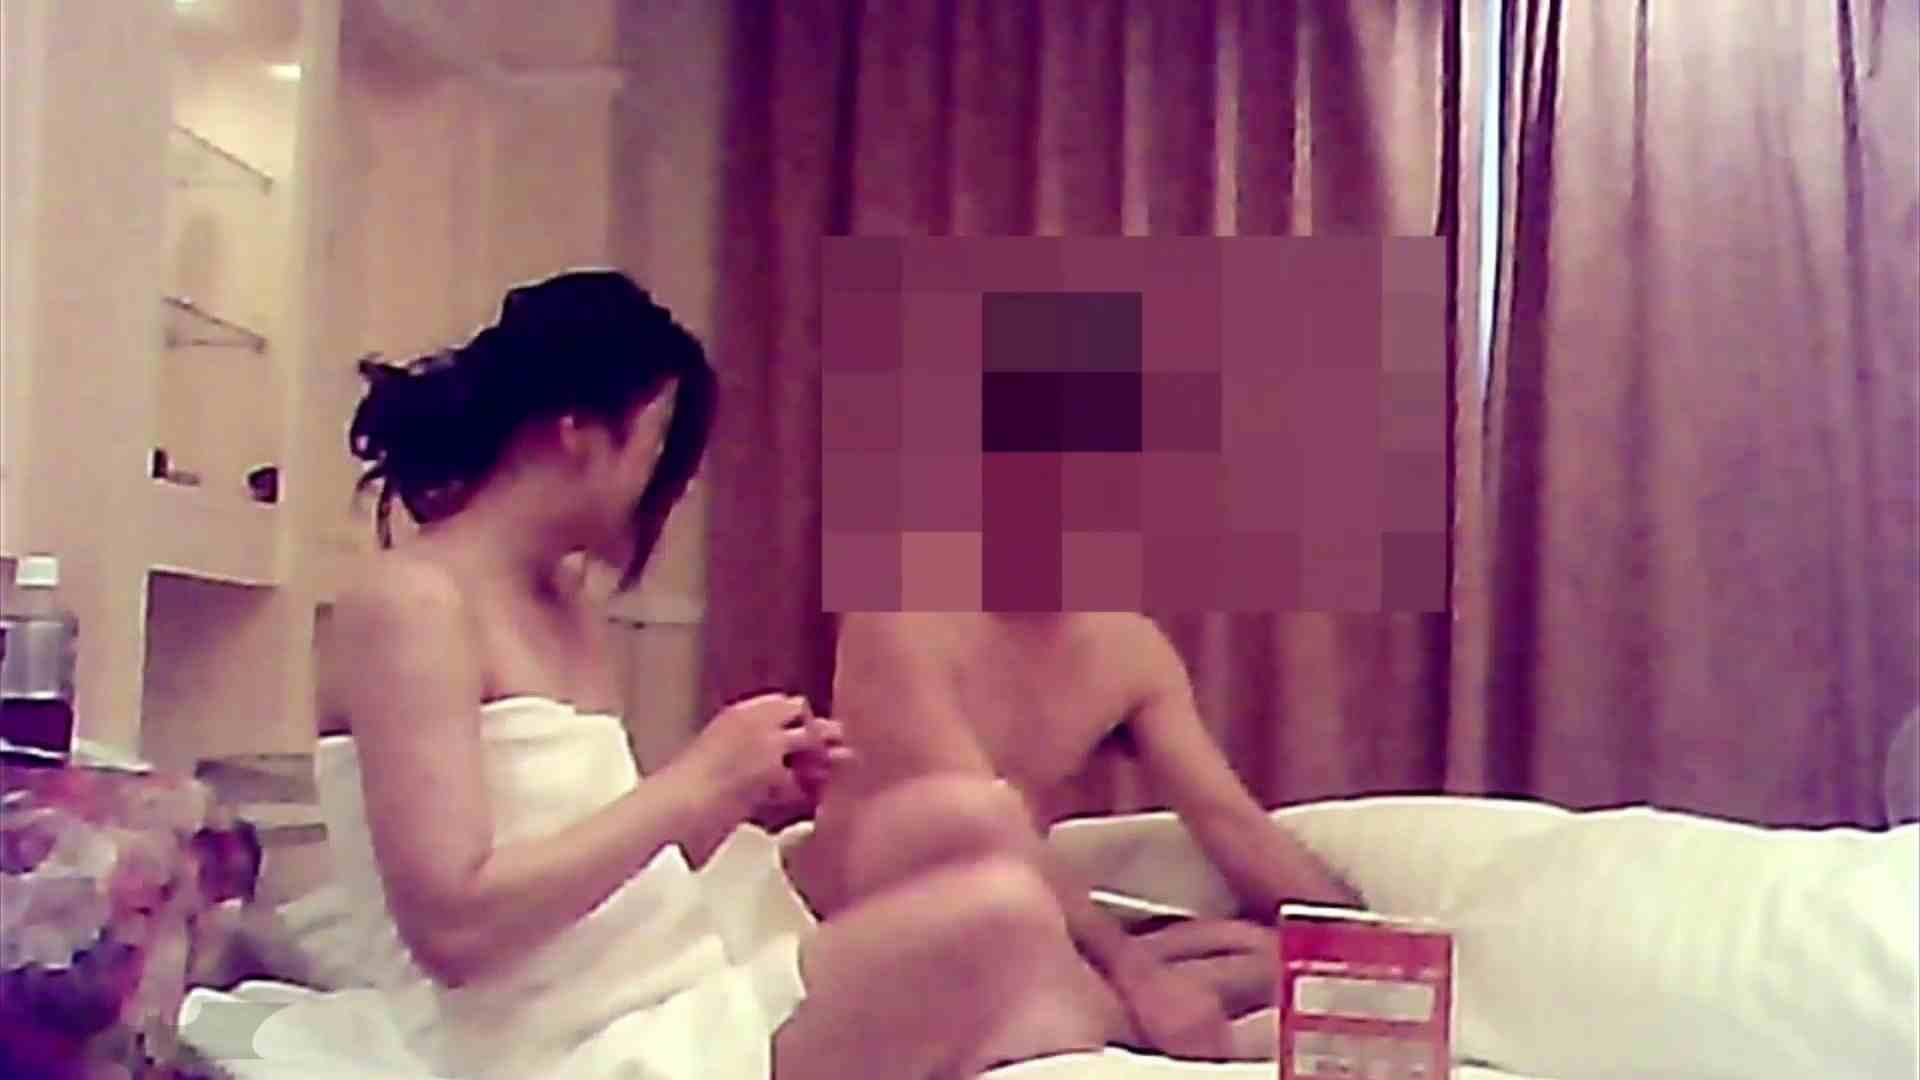 特別! いっきょ6人 SEXor脱衣詰合せ Vol.36 美乳 ワレメ無修正動画無料 78枚 53